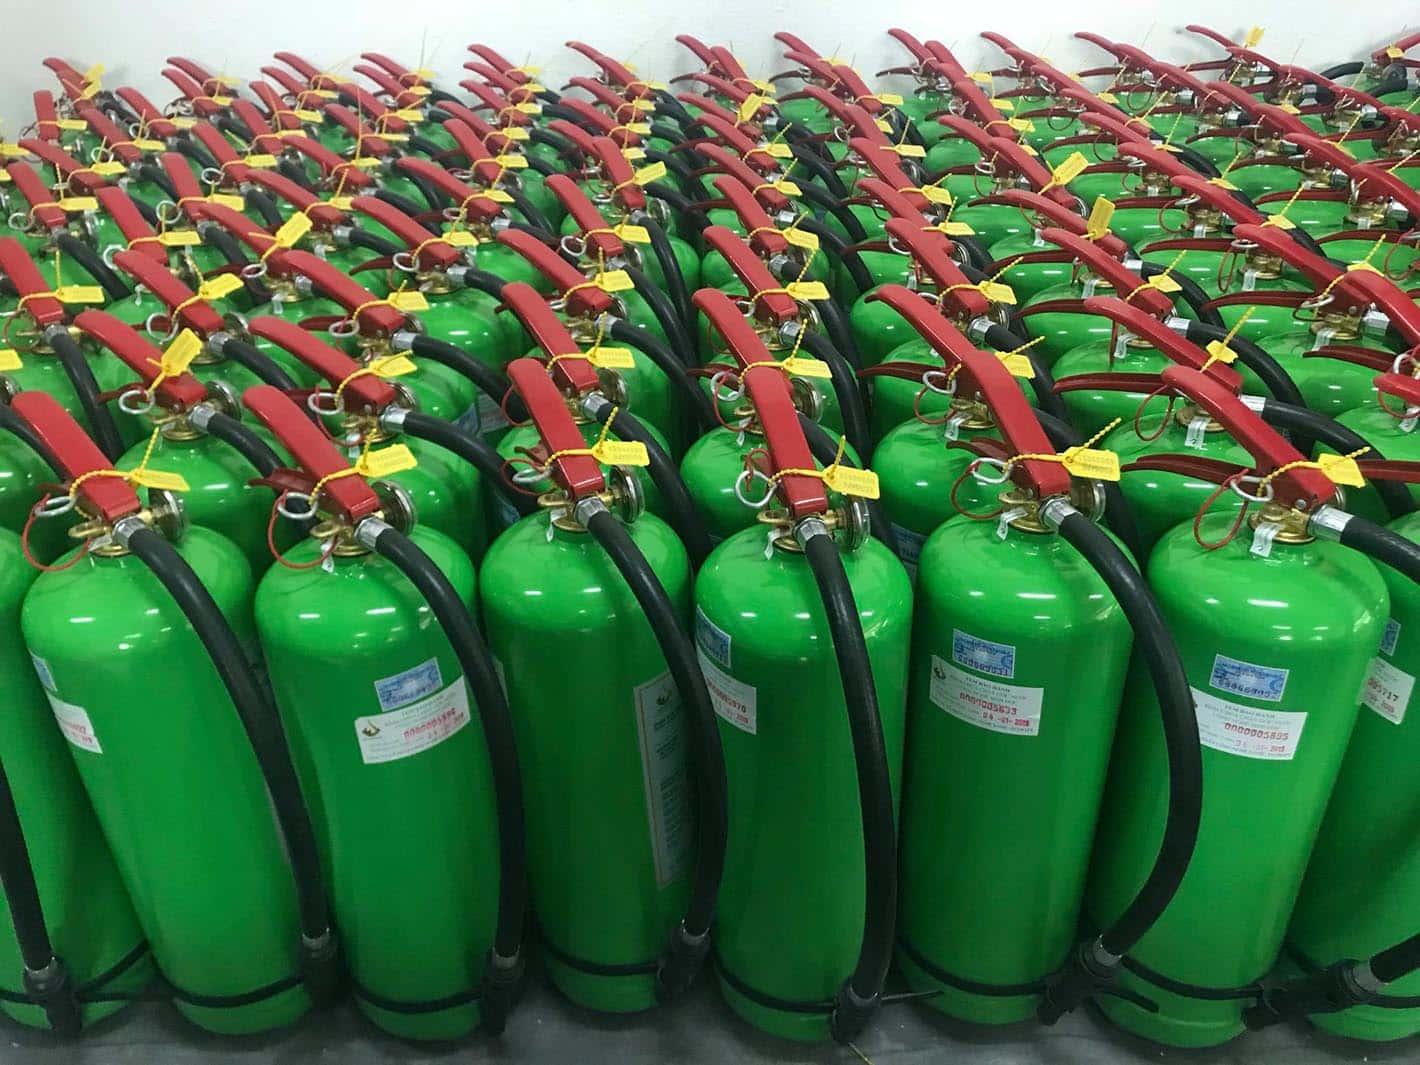 Bình chữa cháy gốc nước hiệu quả với đám cháy nào?